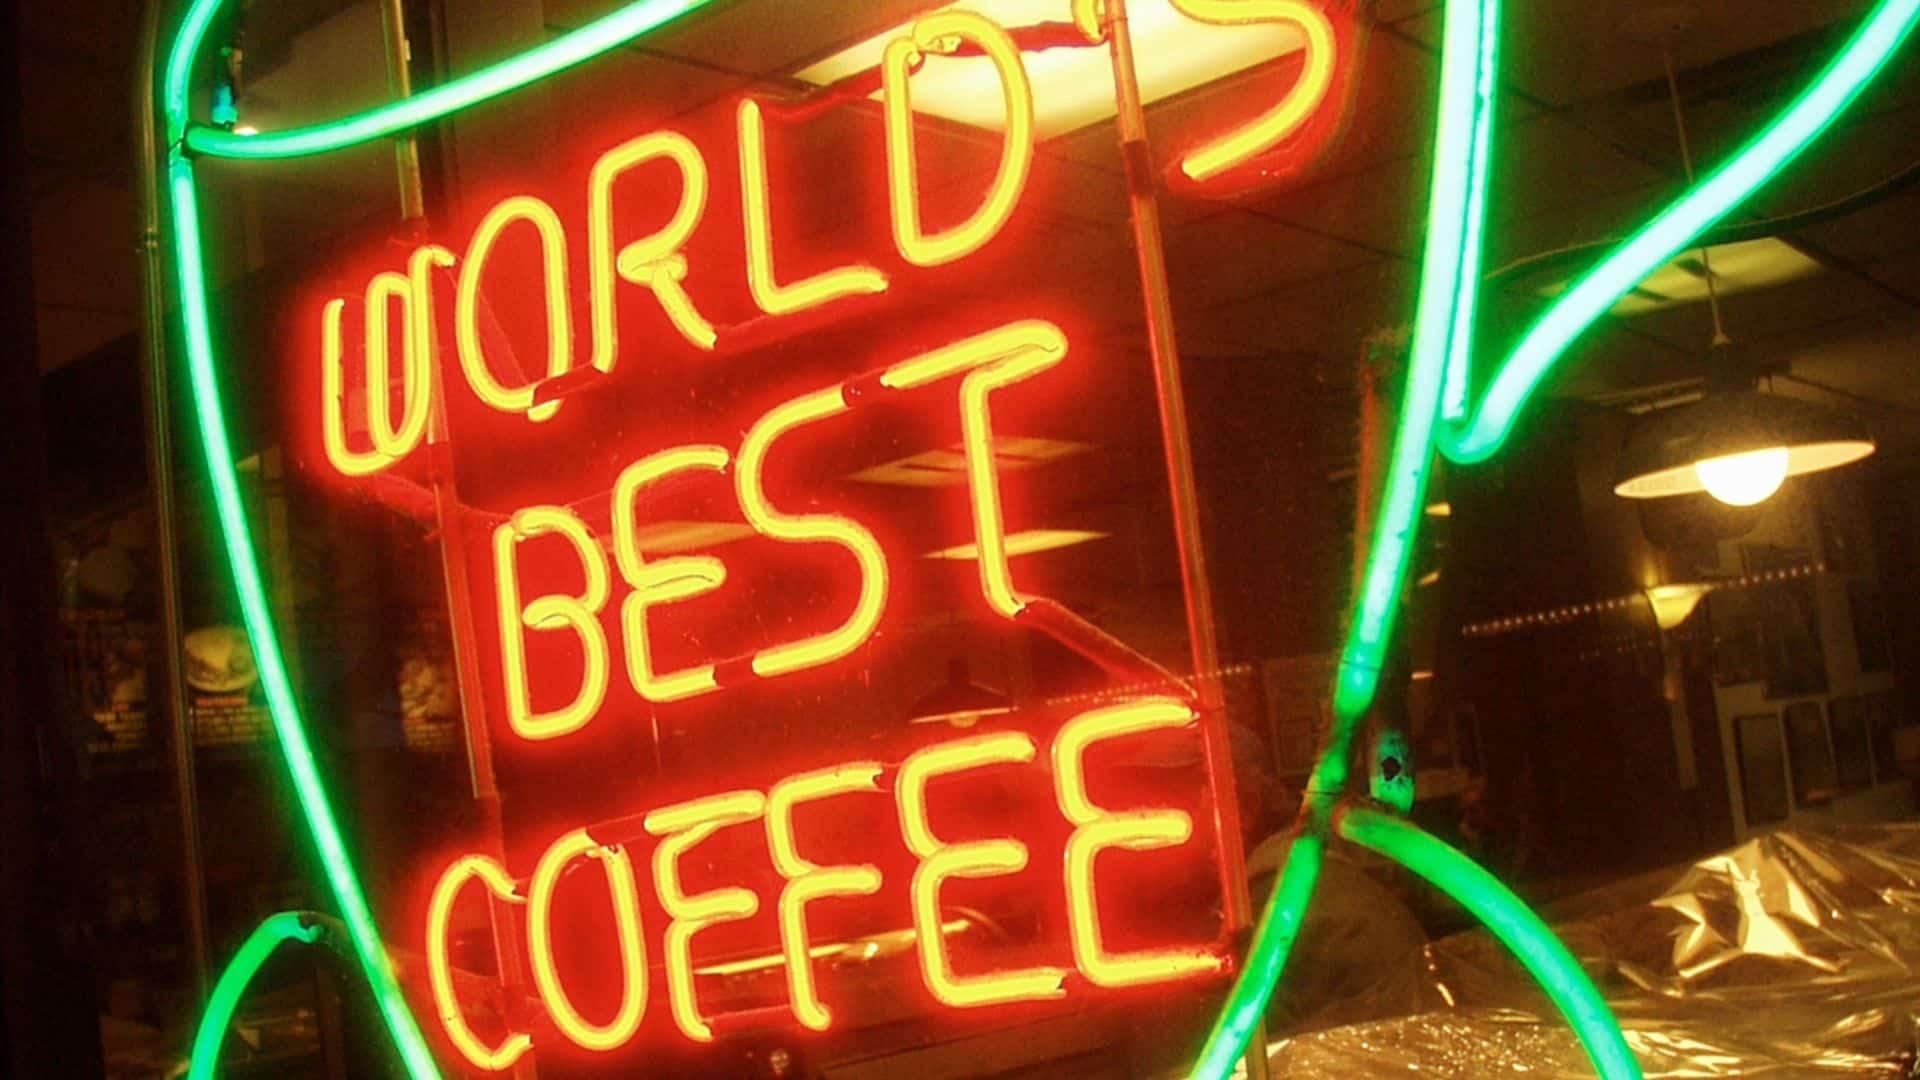 Több ezer választási lehetőség van a legjobb szemes kávé, jó kávébab kiválasztásakor. De ha rosszul választasz, a kávé eleve kárhoztatva van, és a pénzed elpazarolt!